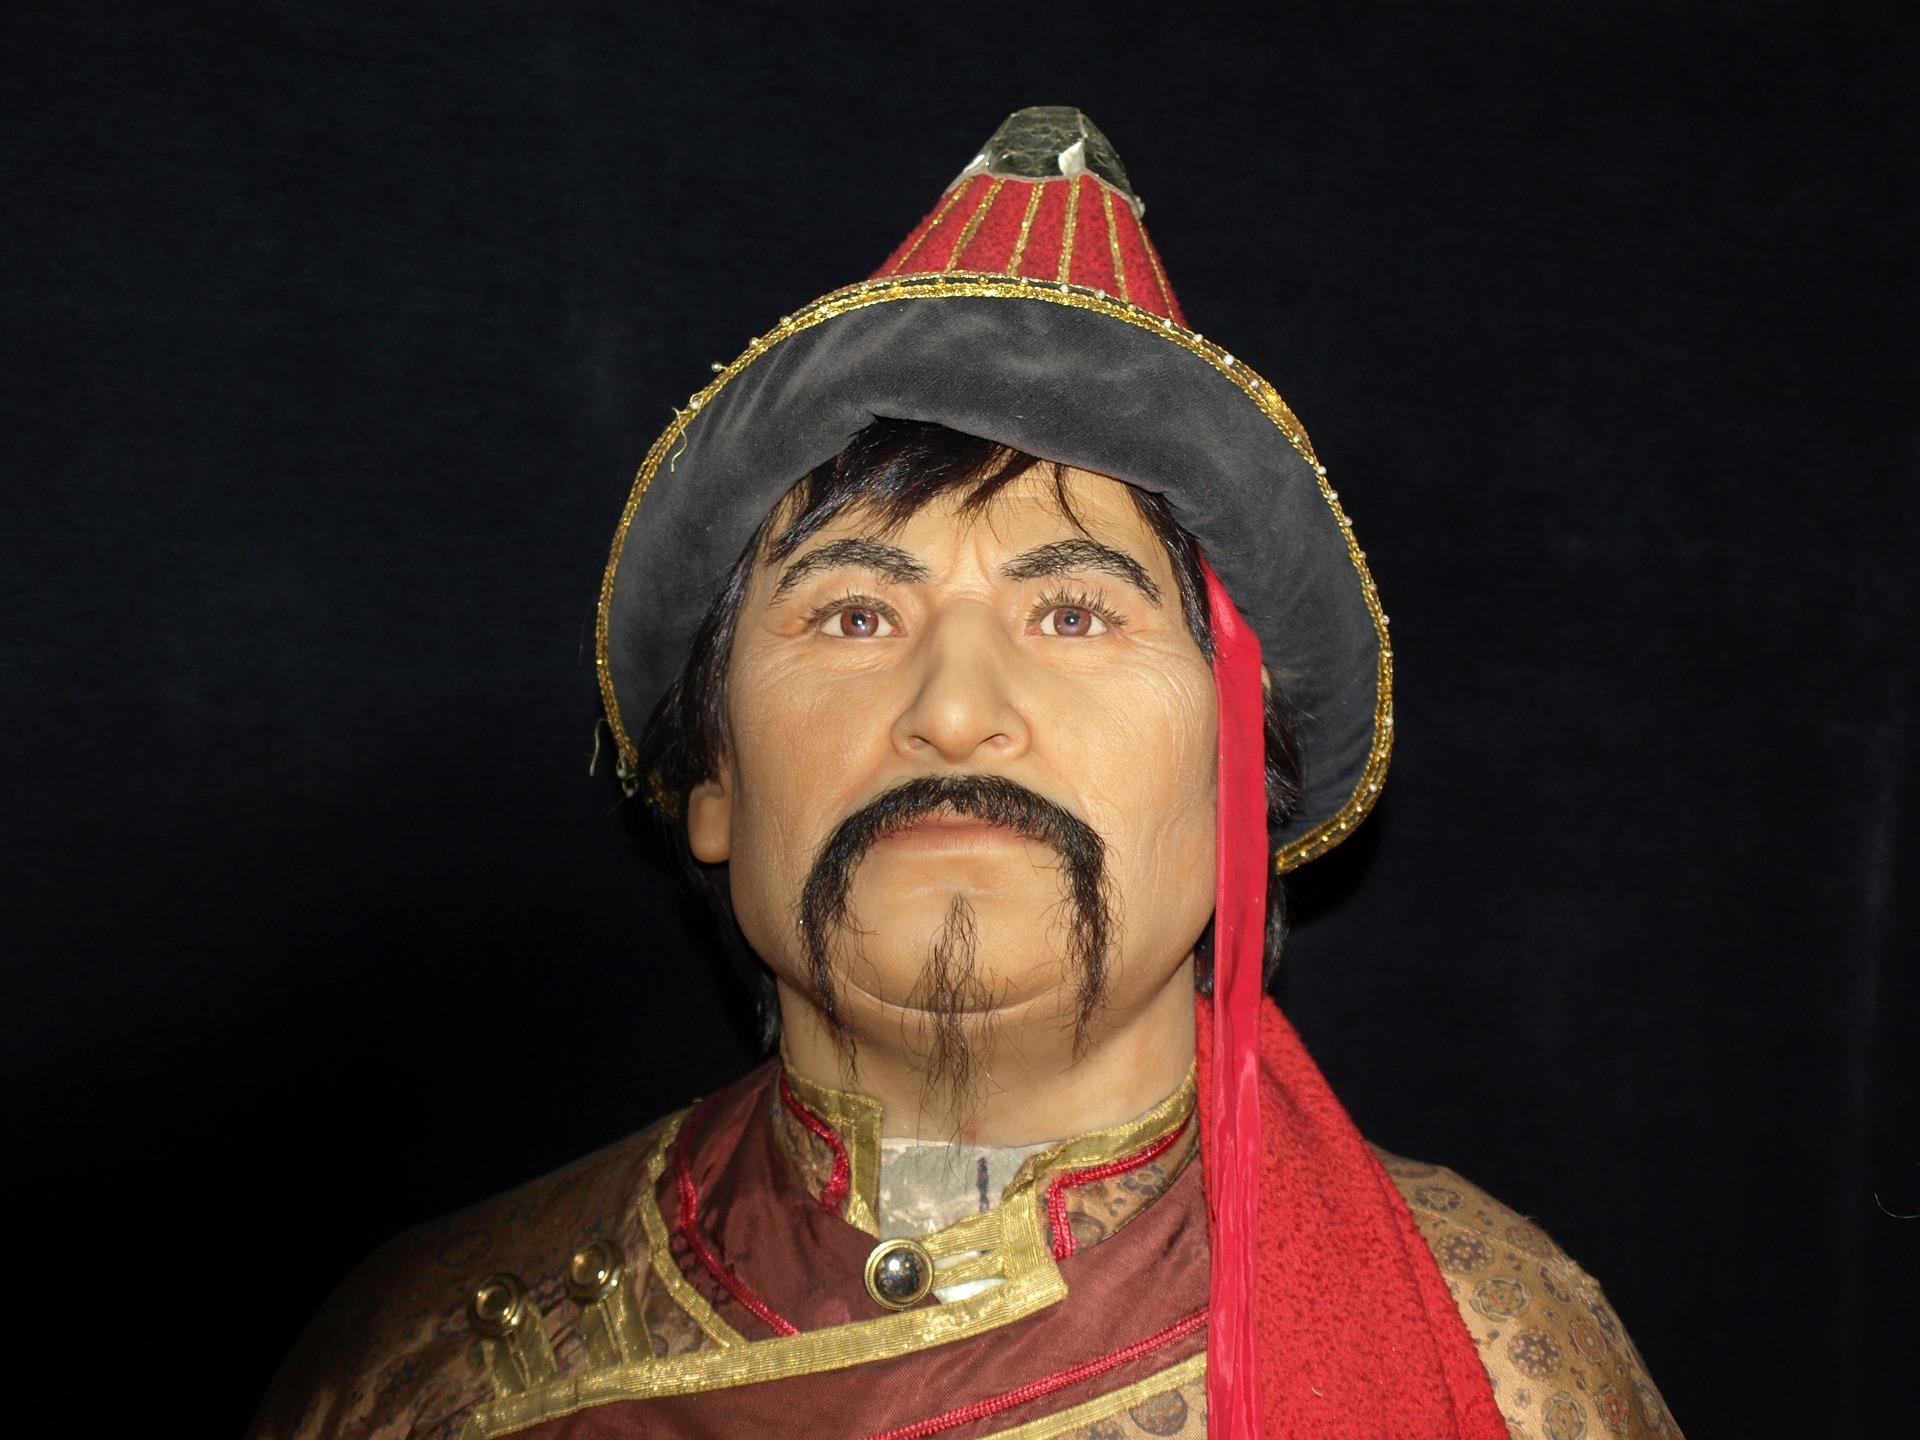 Genghis Khan wax figure